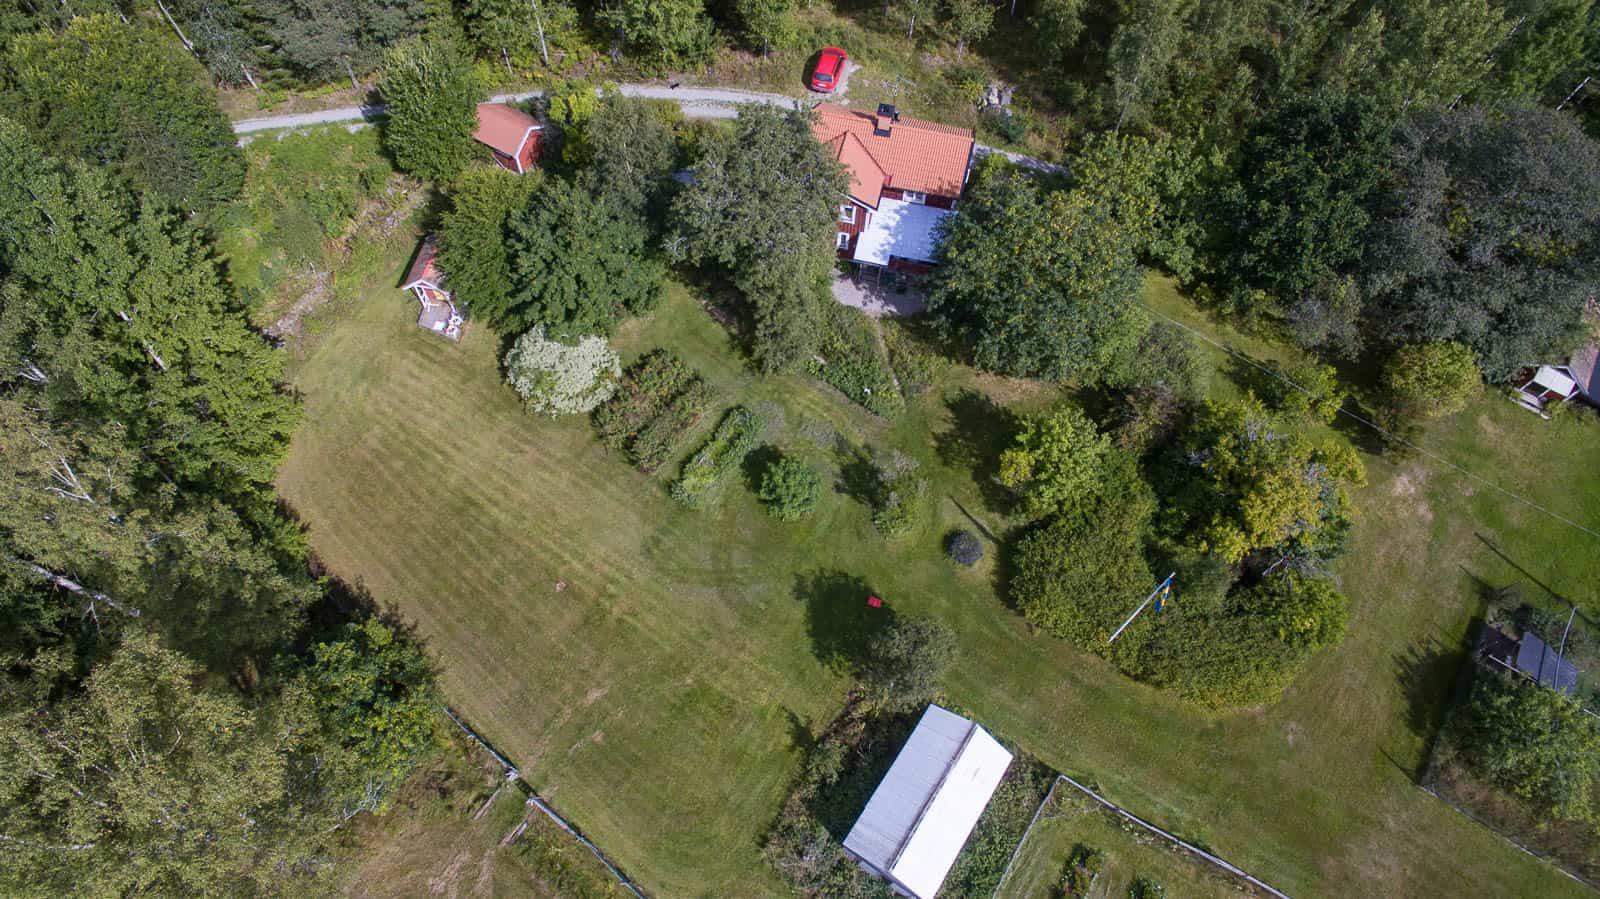 Huset är byggt runt 1850 och har relativt nytt tak. Det ligger väl inbäddat i grönska med ett riktigt gammalt päronträd på ena sidan och ett lika gomalt gullregn på den andra,